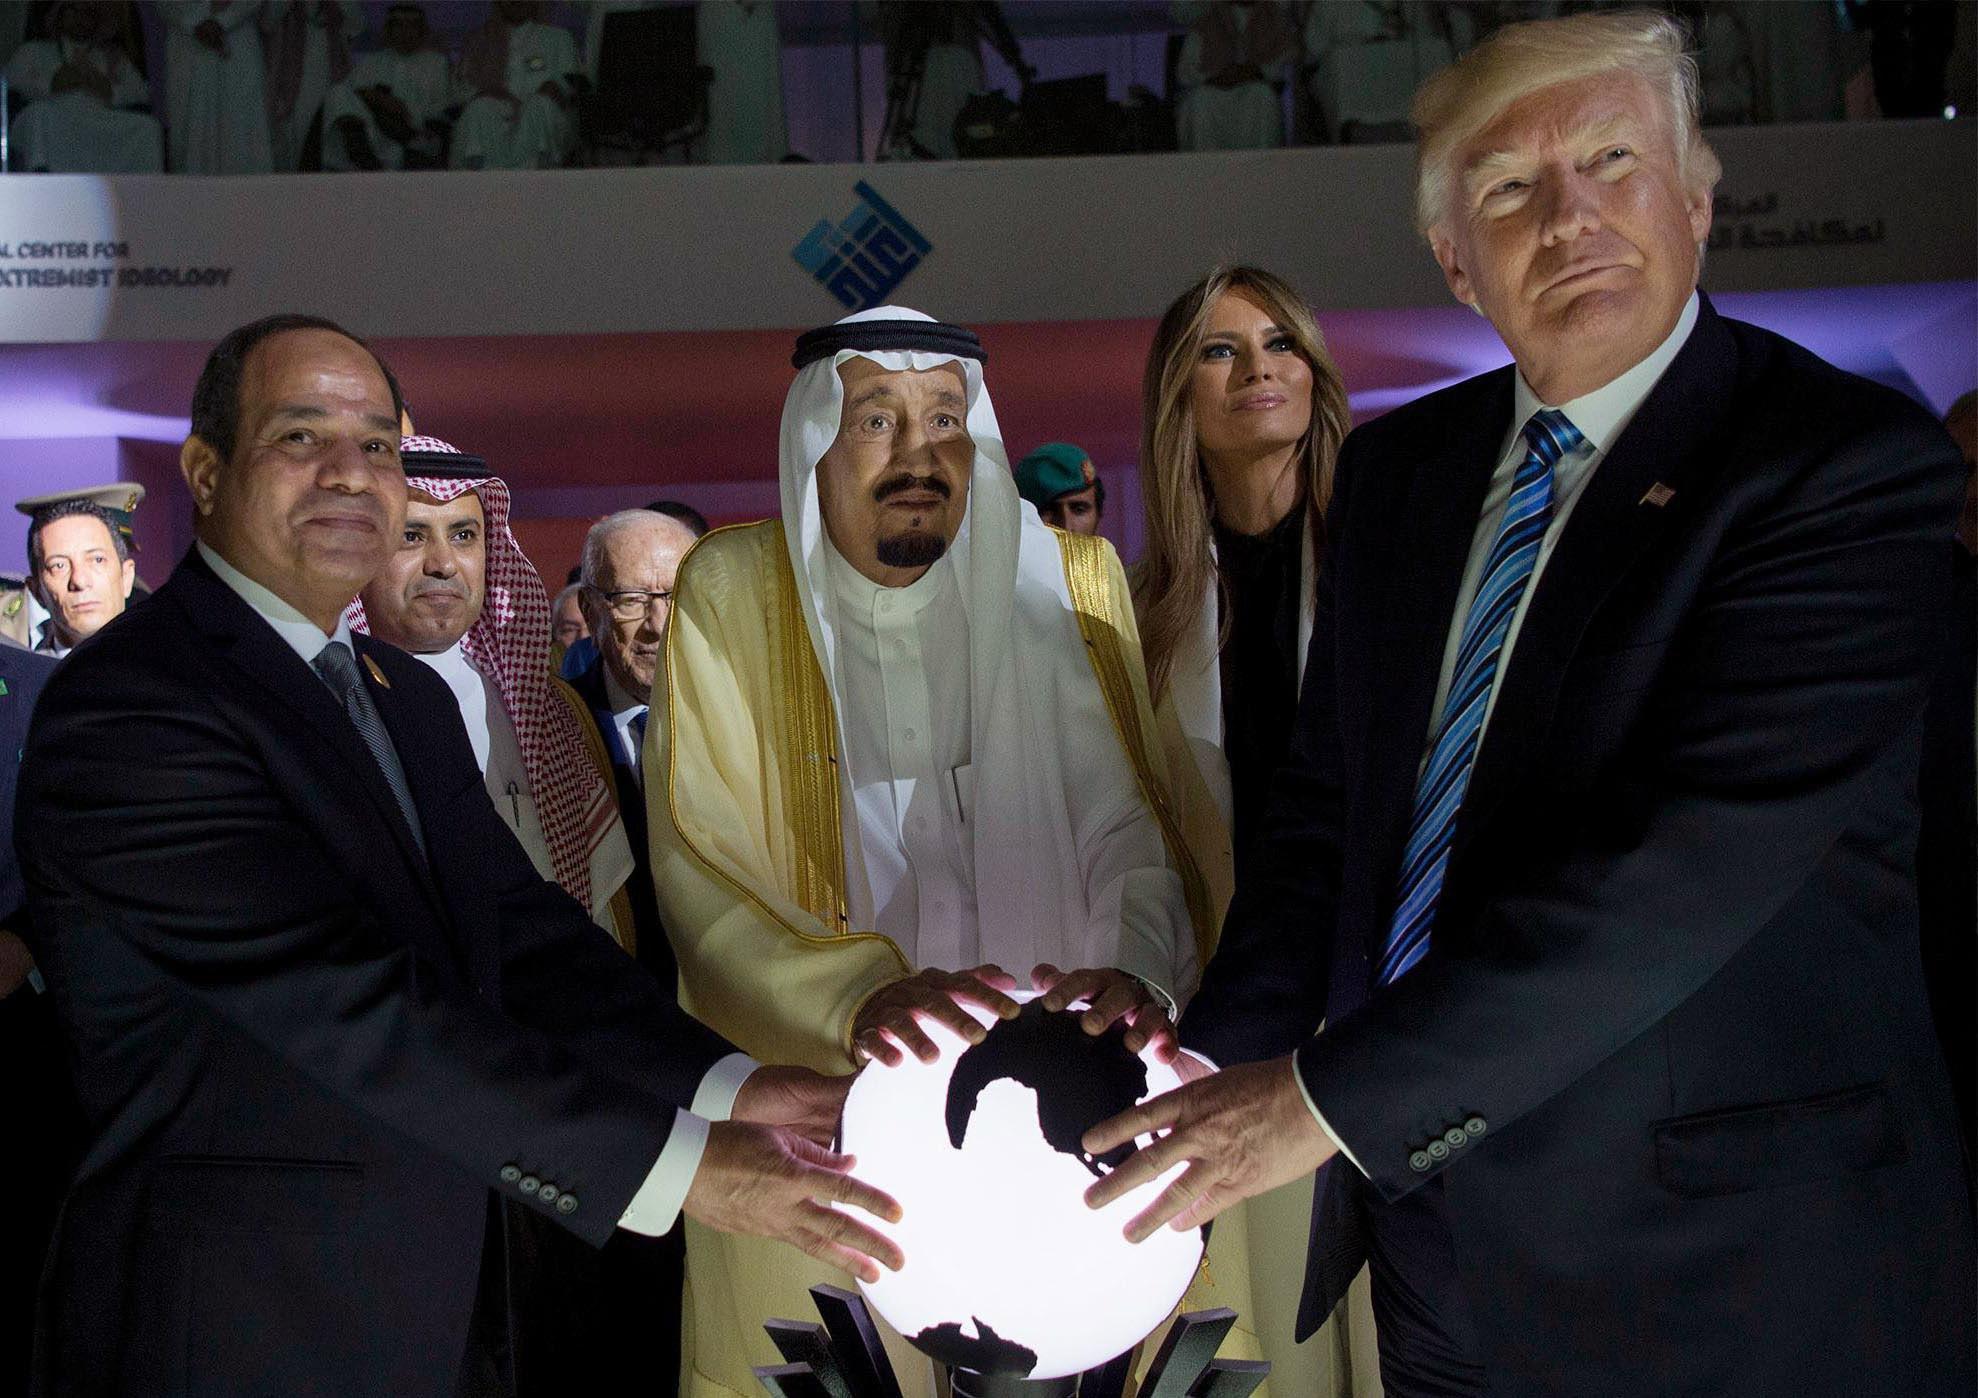 The GCC summit in Saudi Arabia